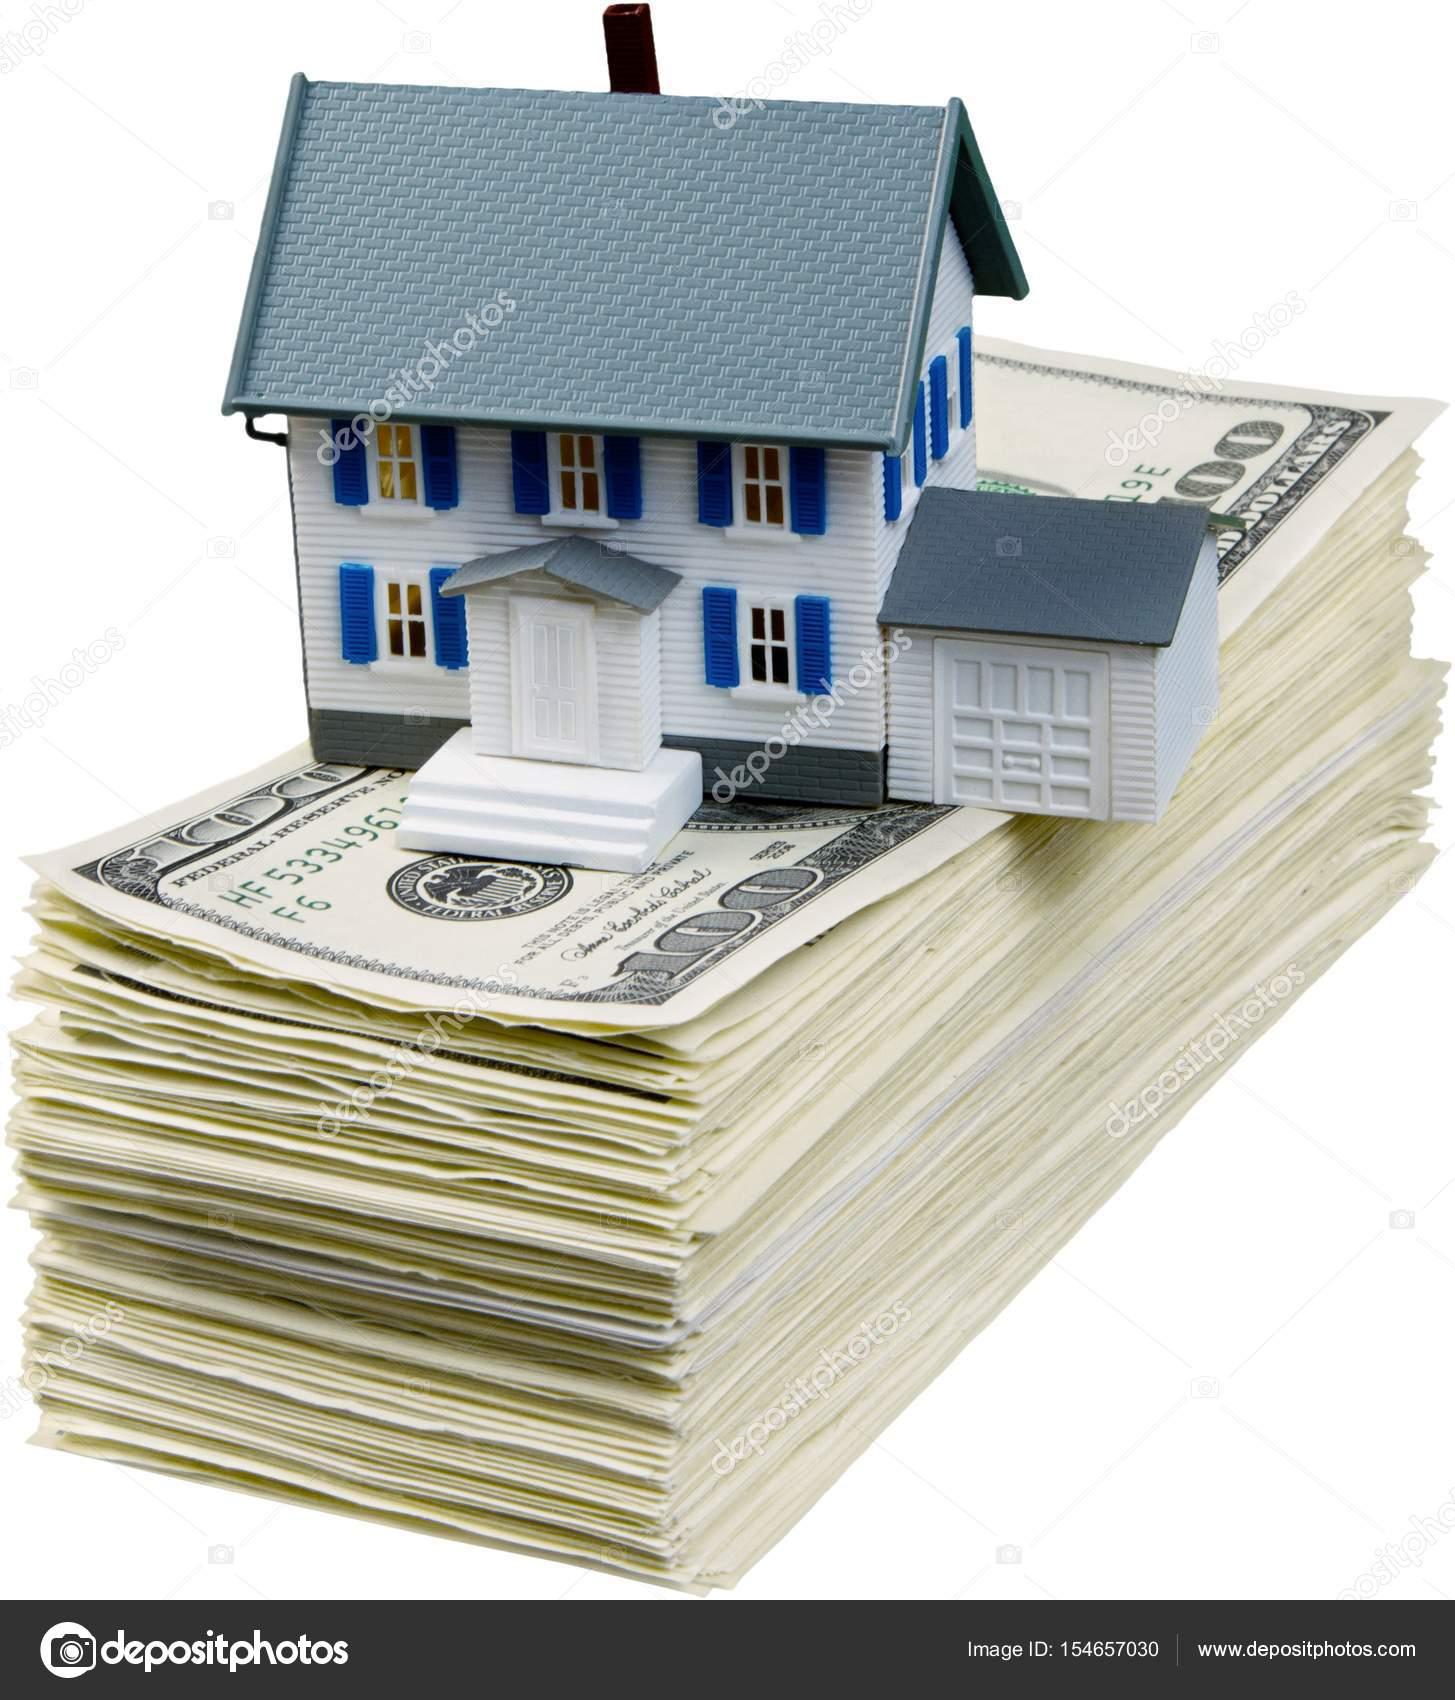 Einsparungen Für Den Kauf Des Hauses. Dollar Bils Und Haus Modell U2014 Foto  Von Billiondigital